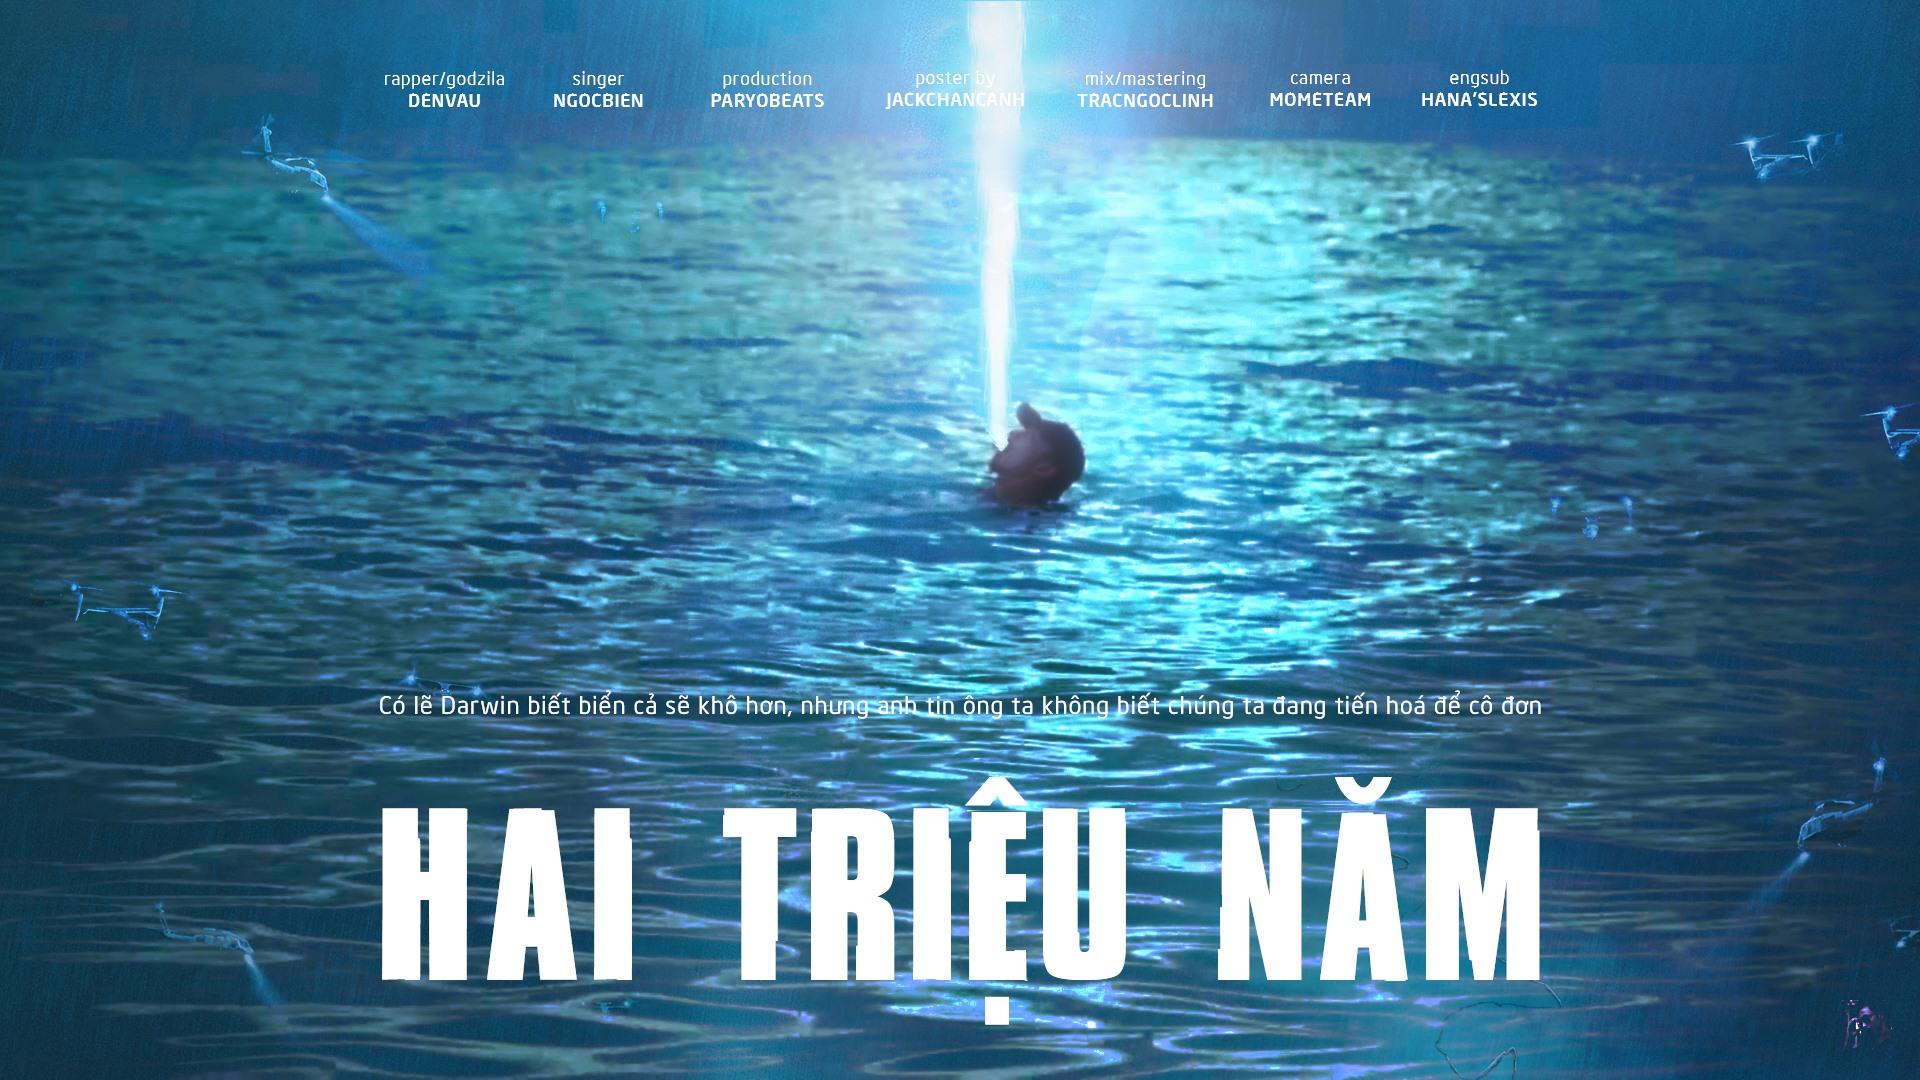 Đen Vâu ngâm nước biển để làm MV và cái kết trở thành bức ảnh chế hot nhất MXH